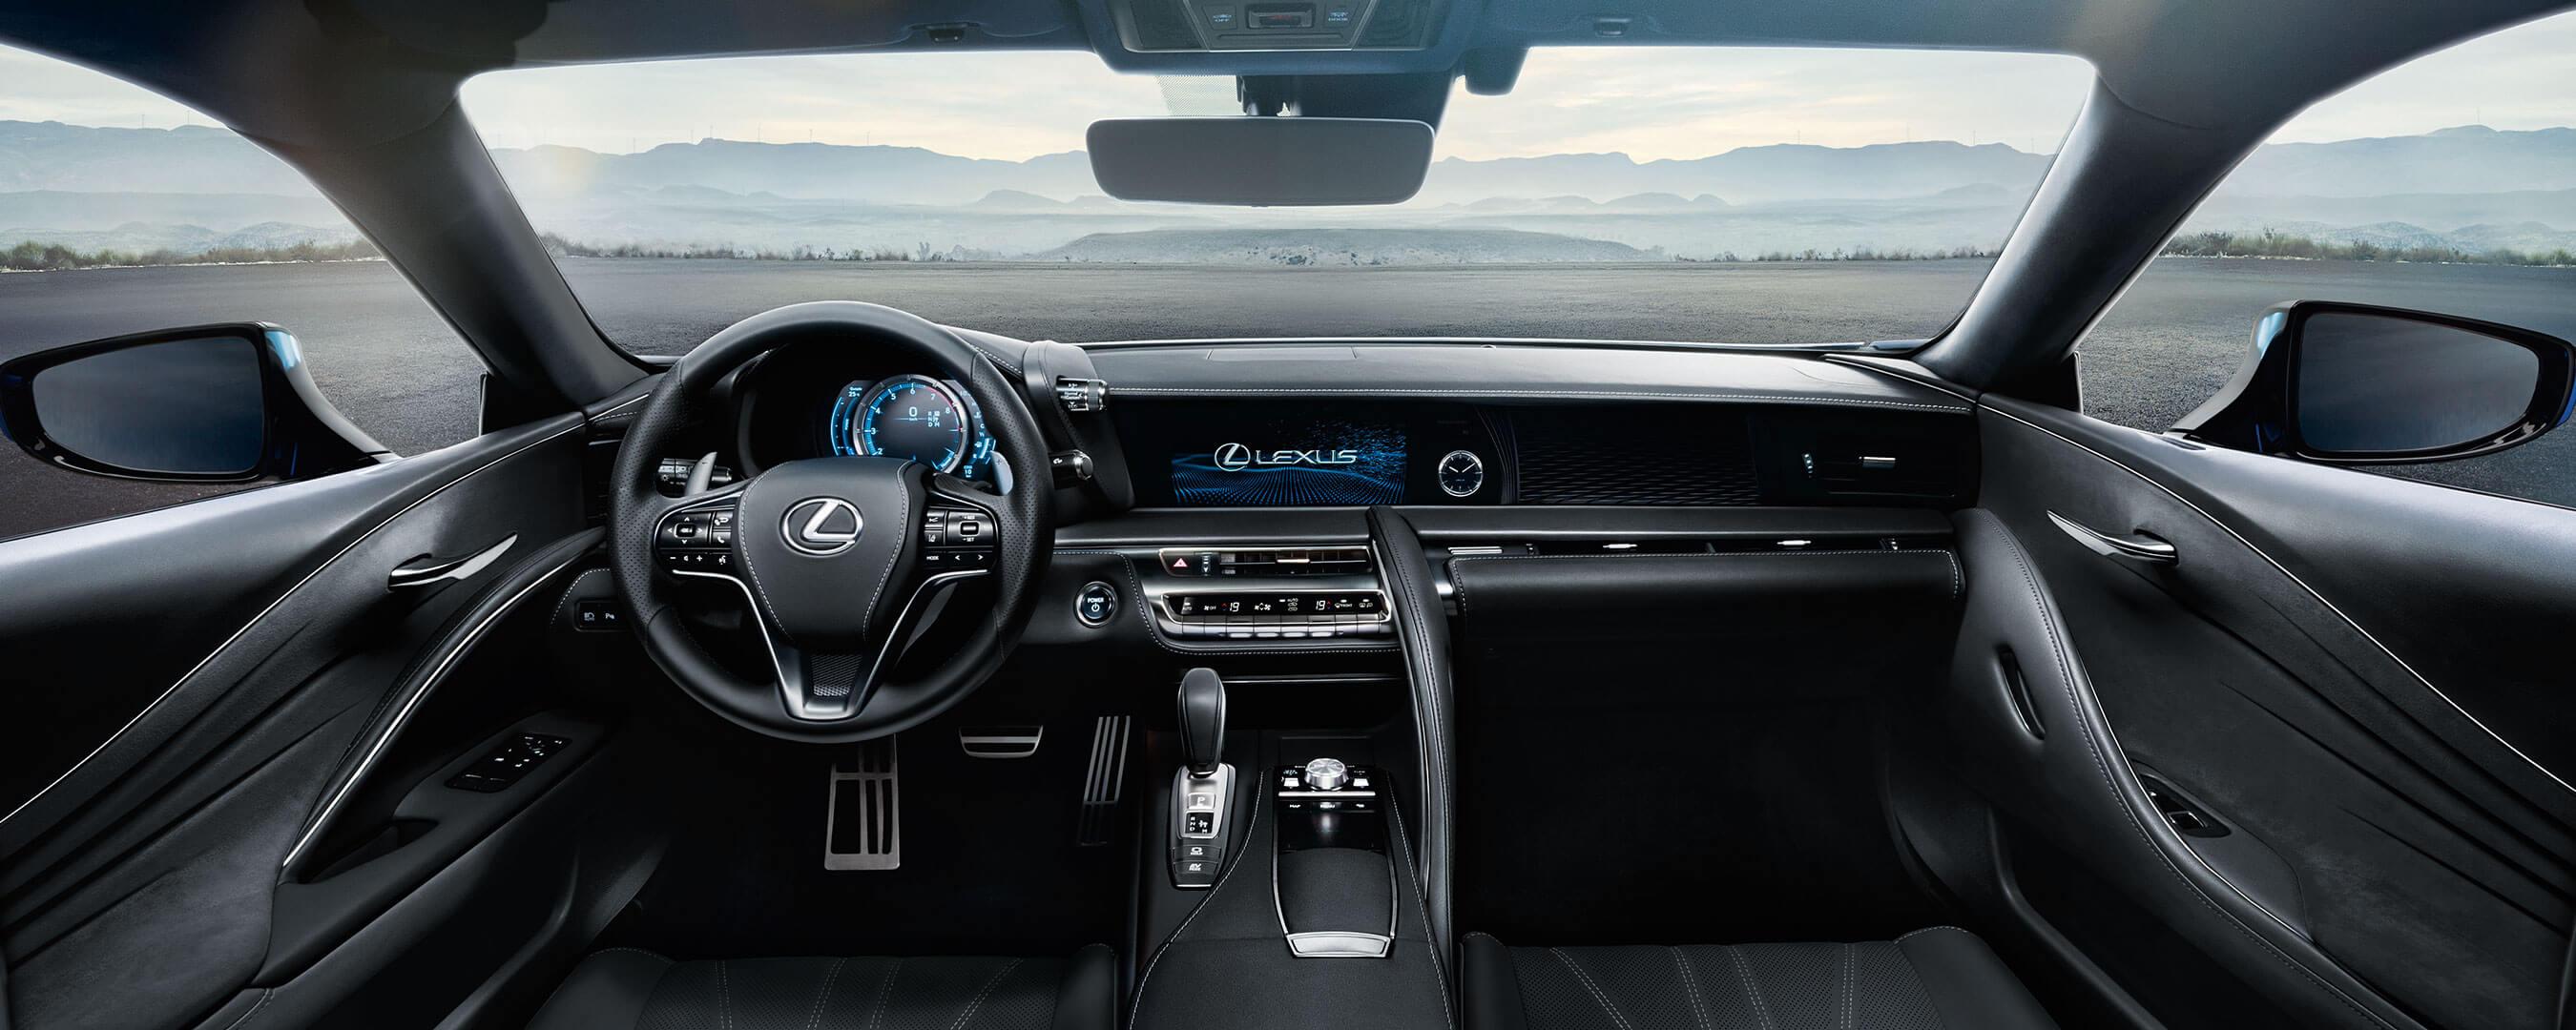 Lexus Lc Luxury Performance Coupe Lexus Ireland